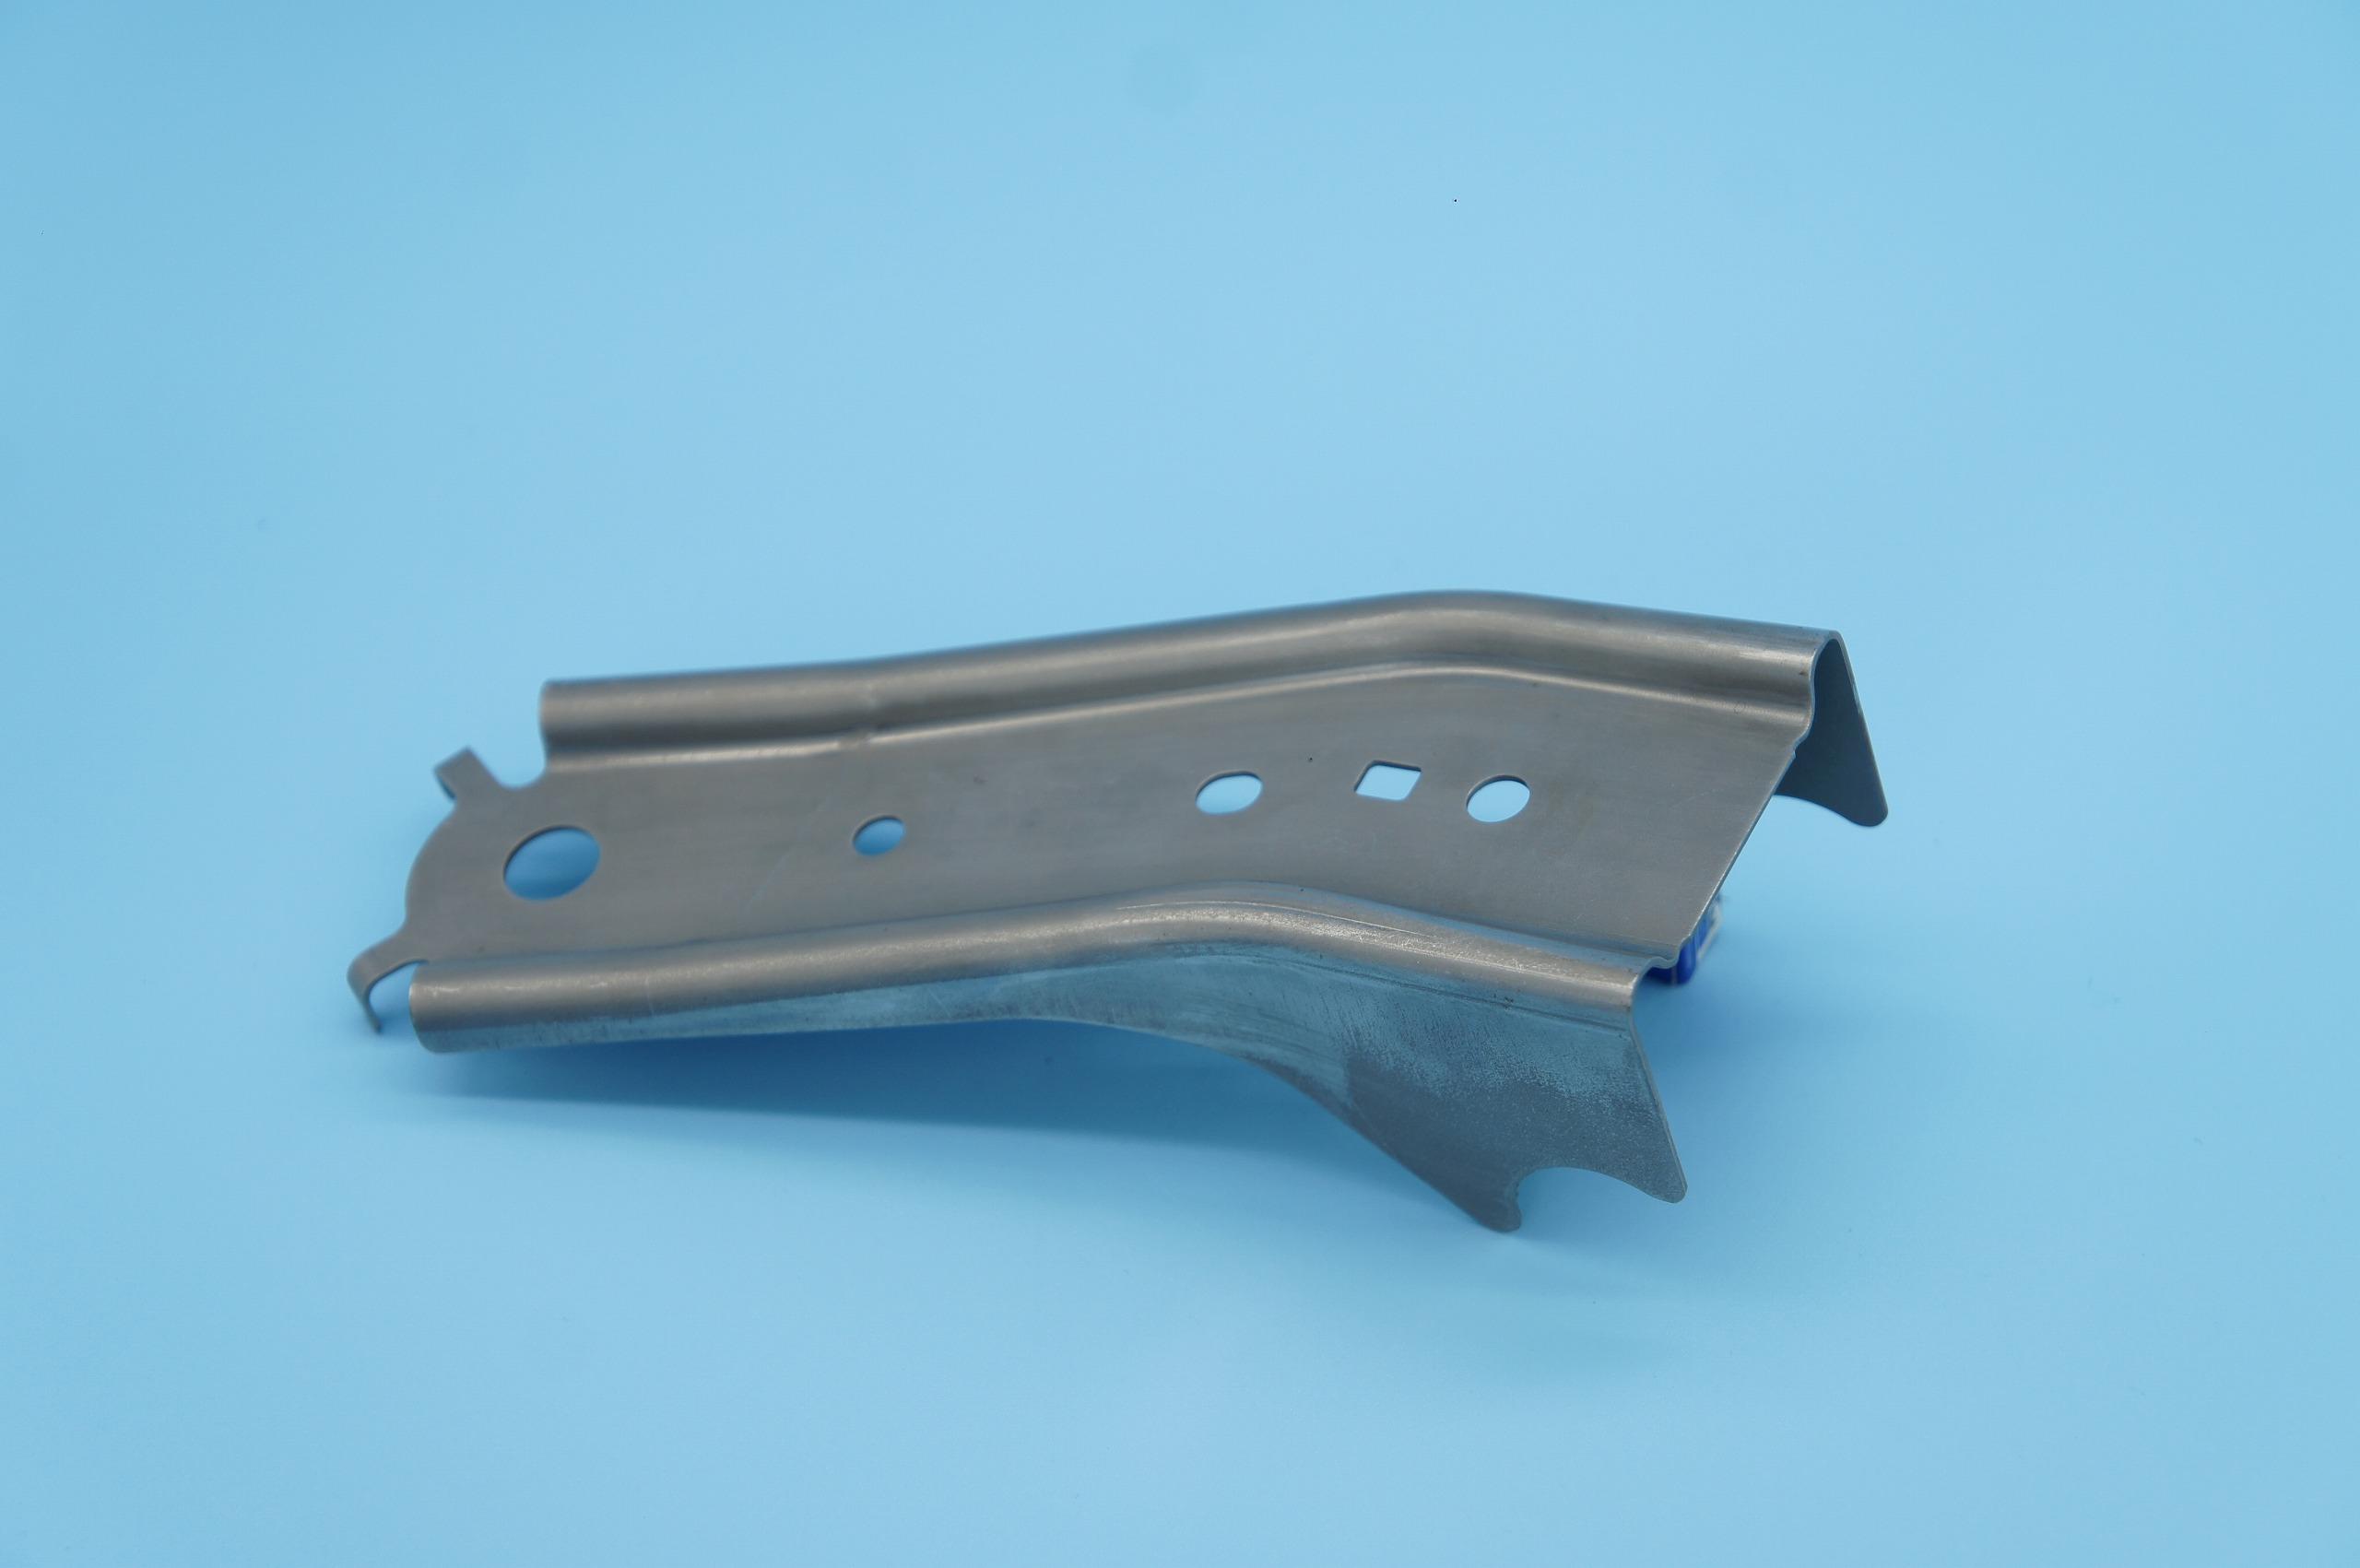 ベルトアンカー プレス加工と金型の設計・製作でチャレンジを続ける会社 株式会社フクヤマ